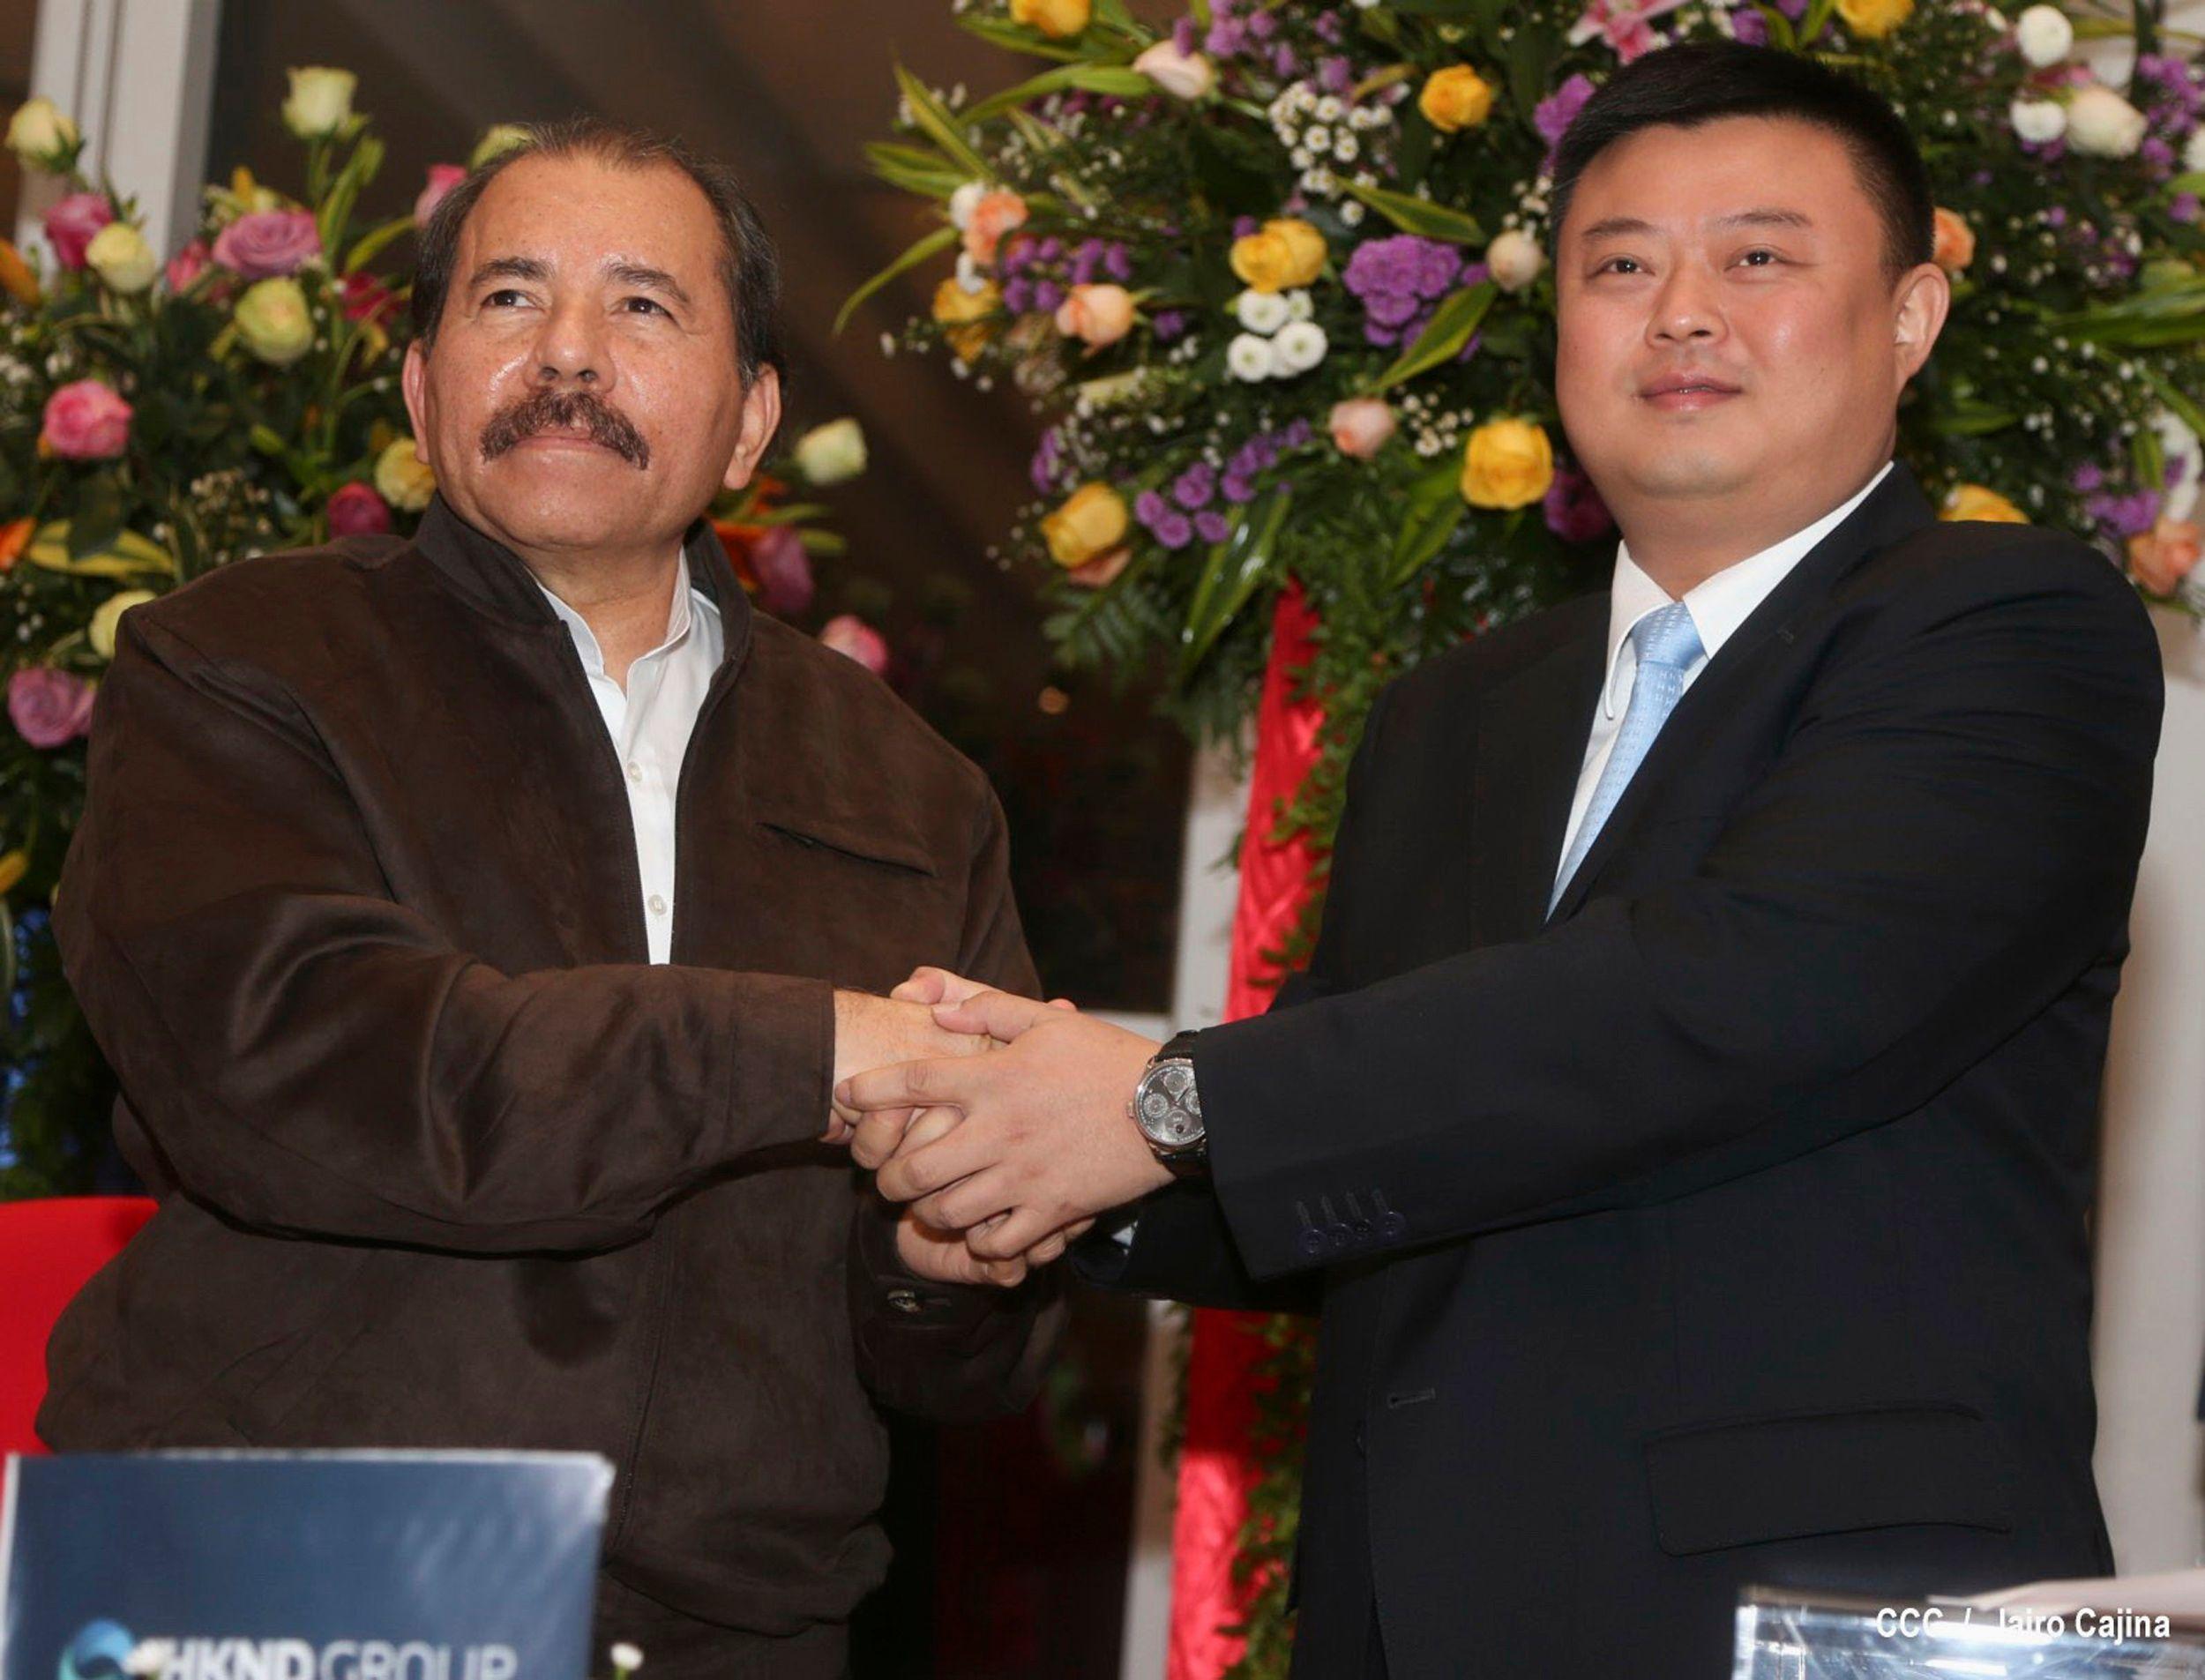 Le président du Nicaragua Daniel Ortega (G) serre la main de Wang Jing, président de l'Kong société internationale Nicaragua Canal Development Investment Co. Hong (HKND Groupe) après la signature d'un contrat de concession pour la construction d'un canal